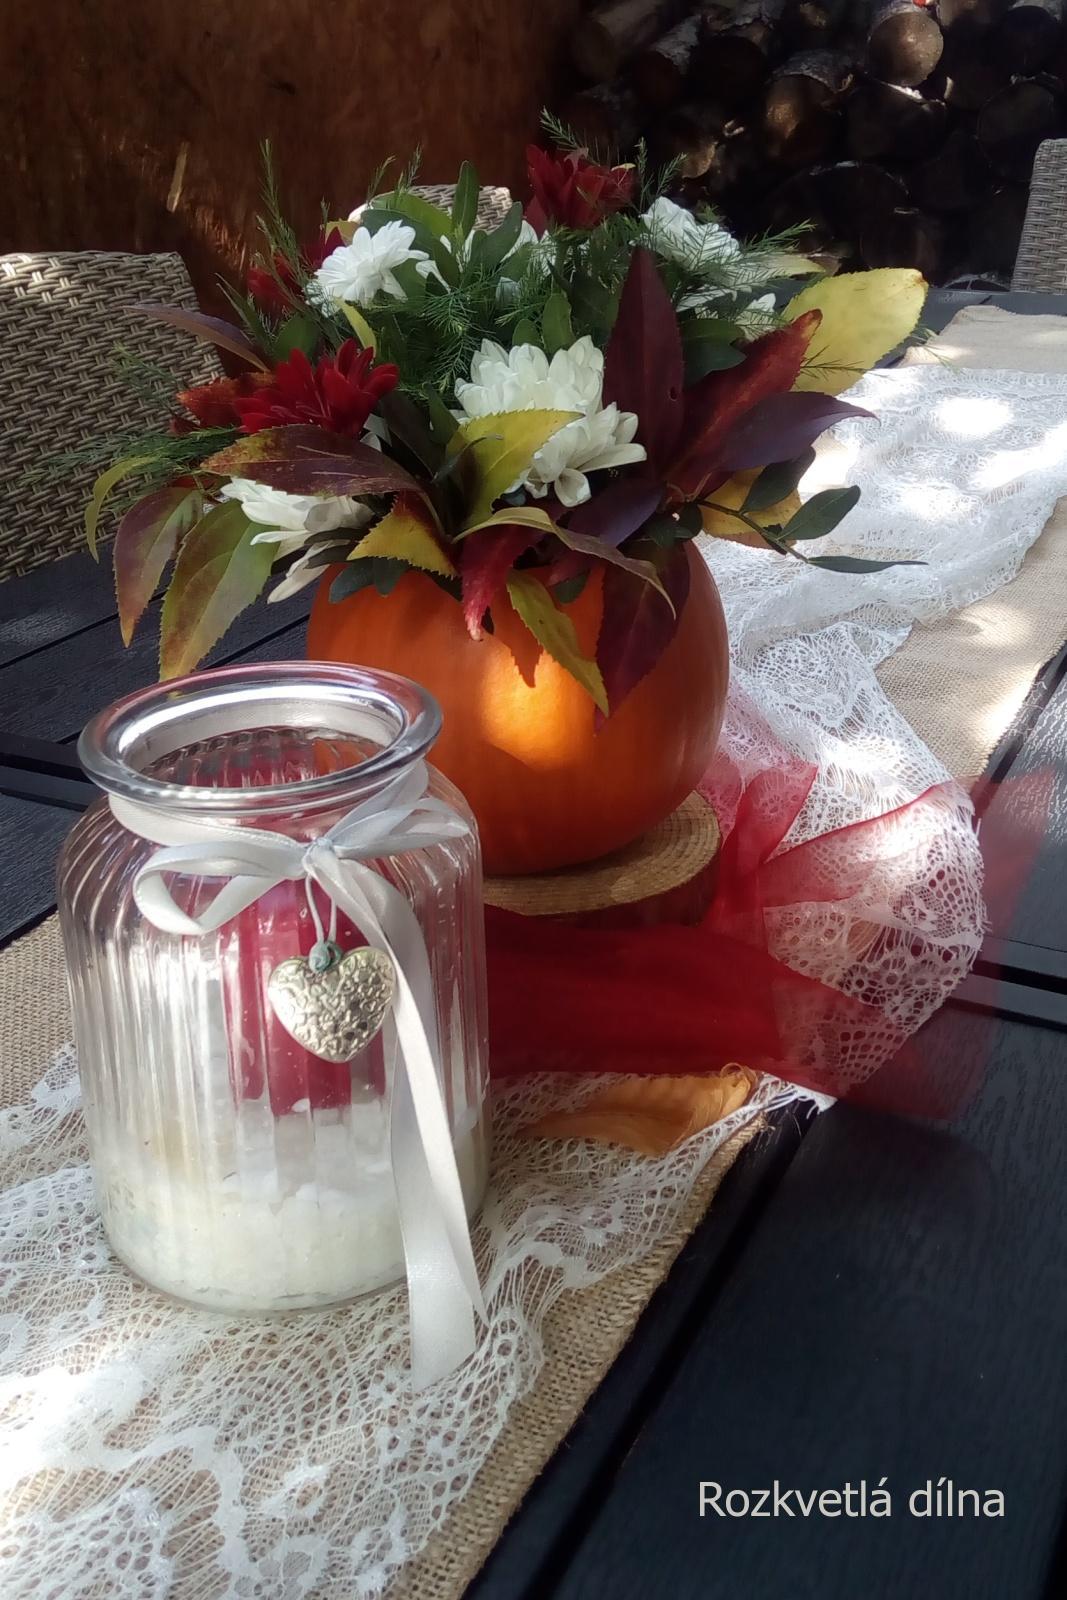 Podzimní svatba v bordó-krémové pro Káju a Toma - Dekorace stolů s dýněmi